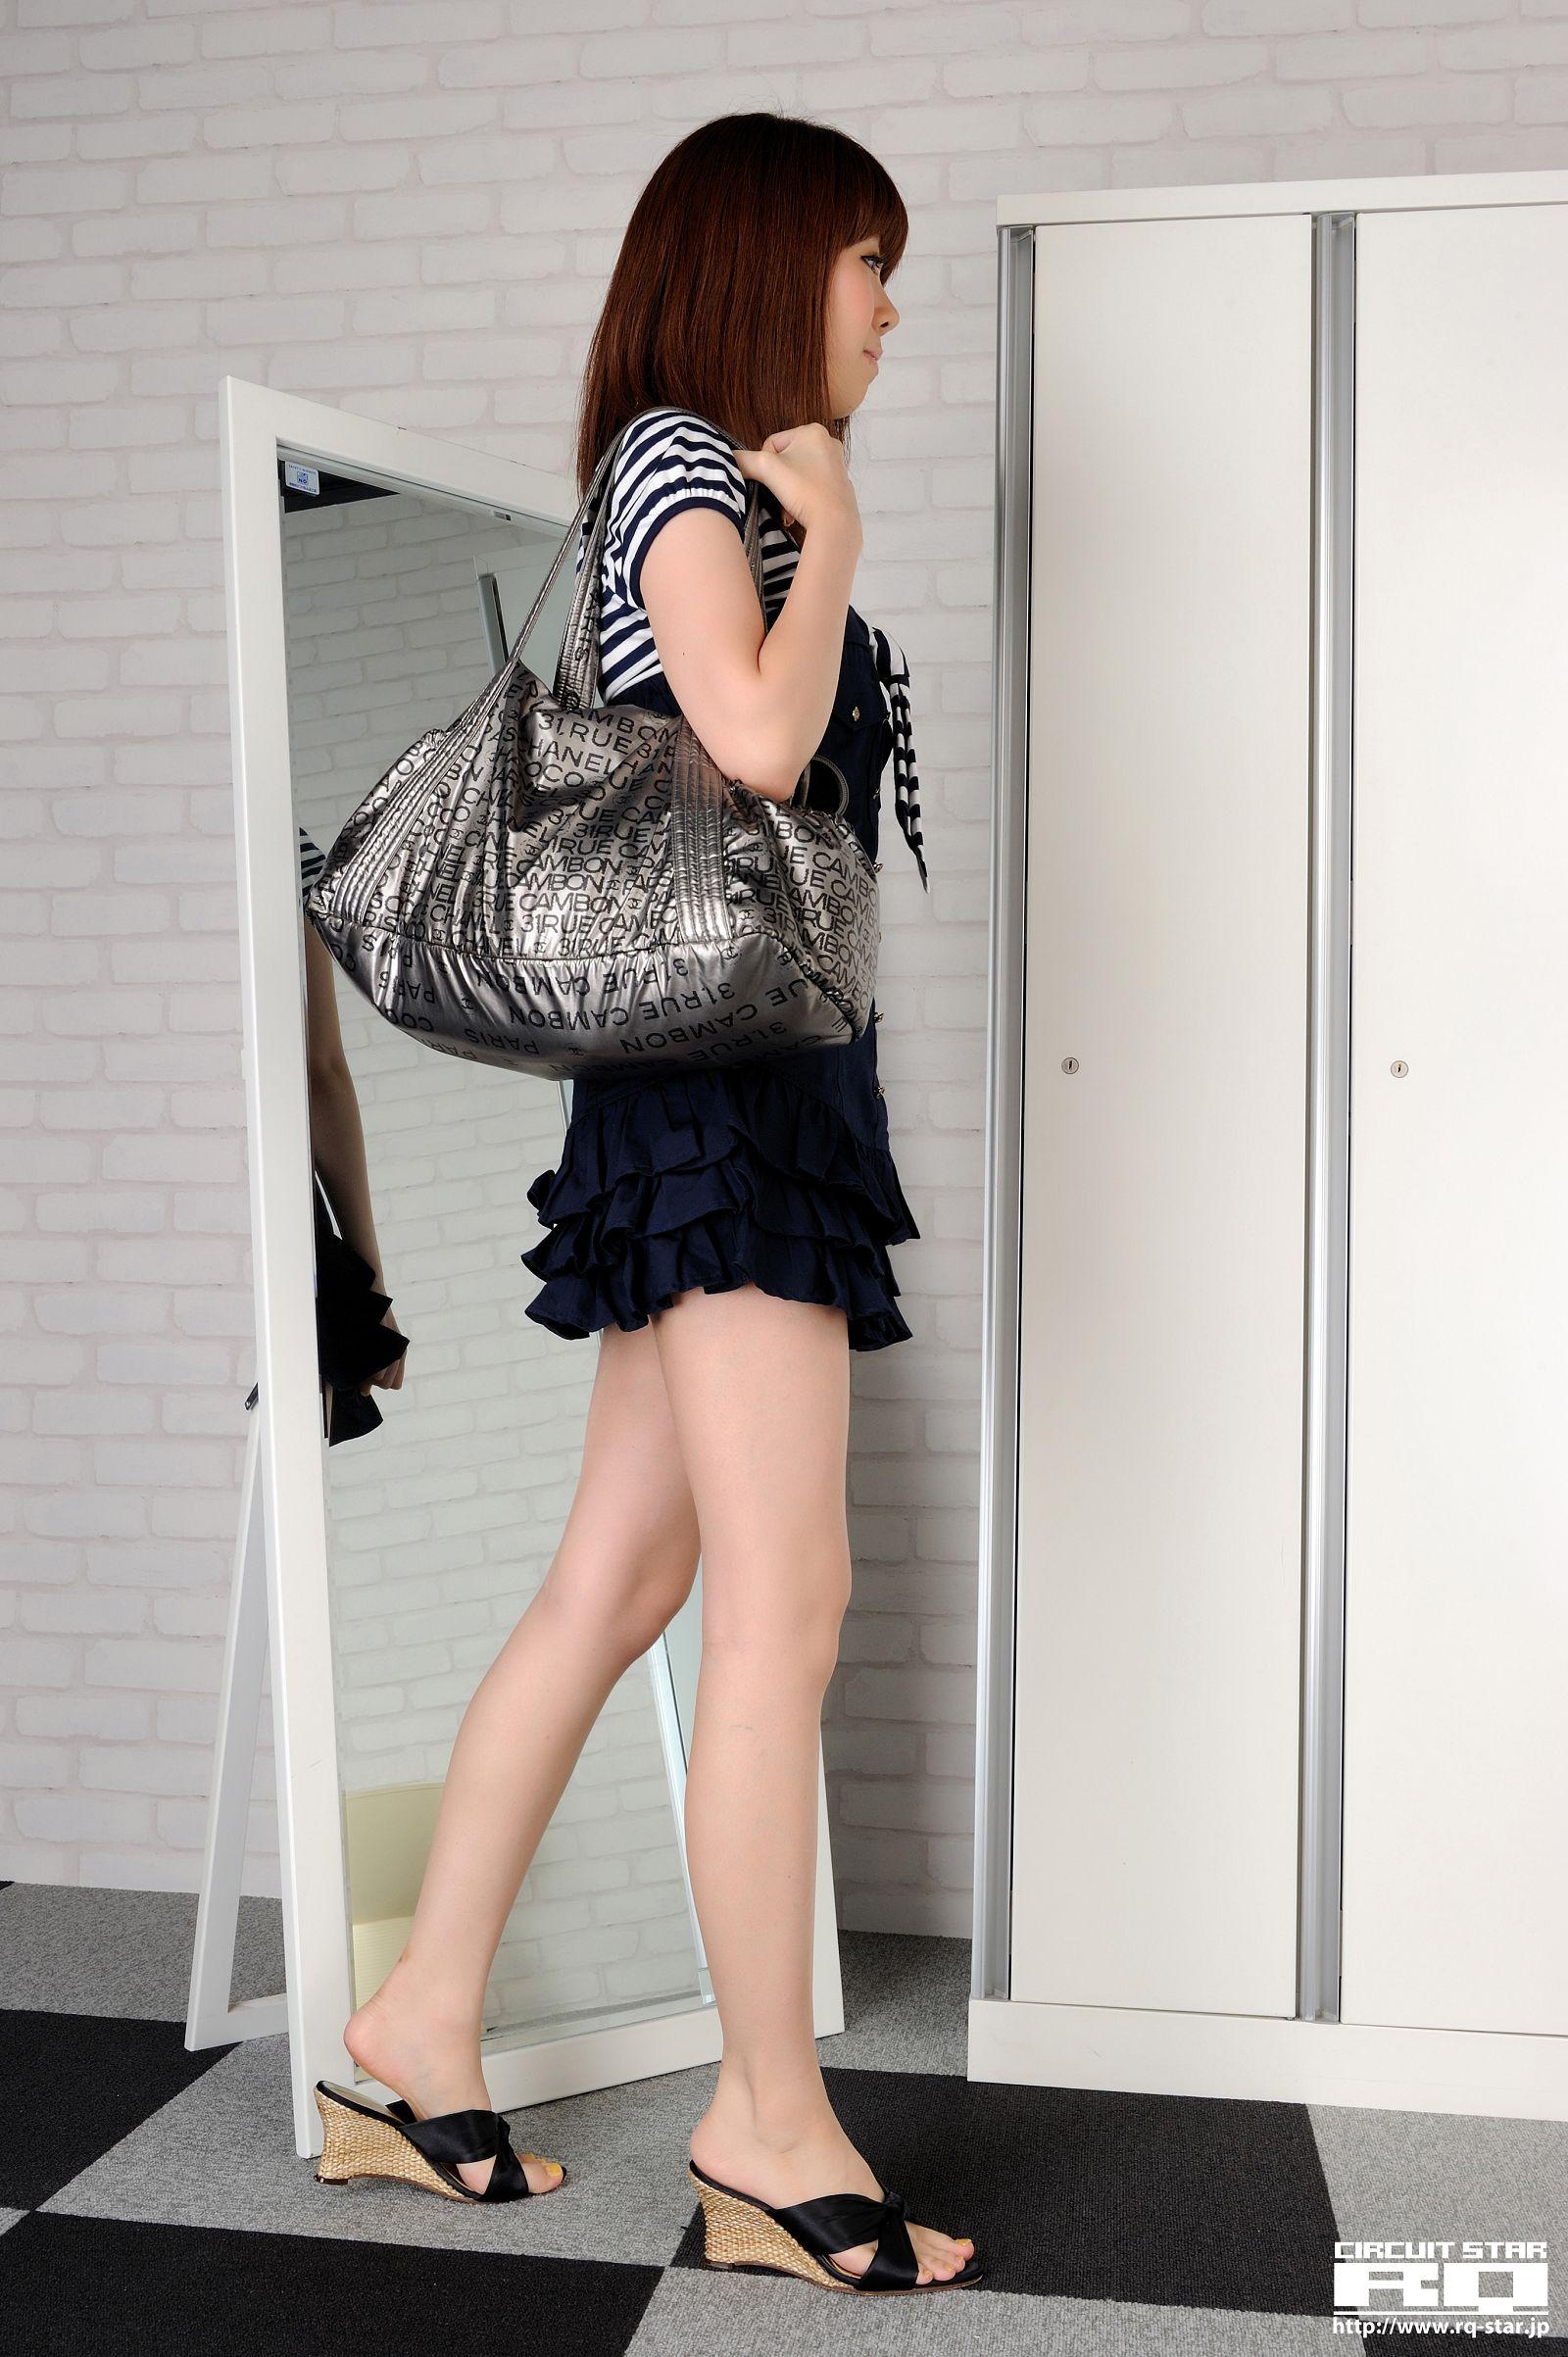 [RQ STAR美女] NO.0384 Haruka Ikuta 生田晴香 Office Lady[140P] RQ STAR 第1张